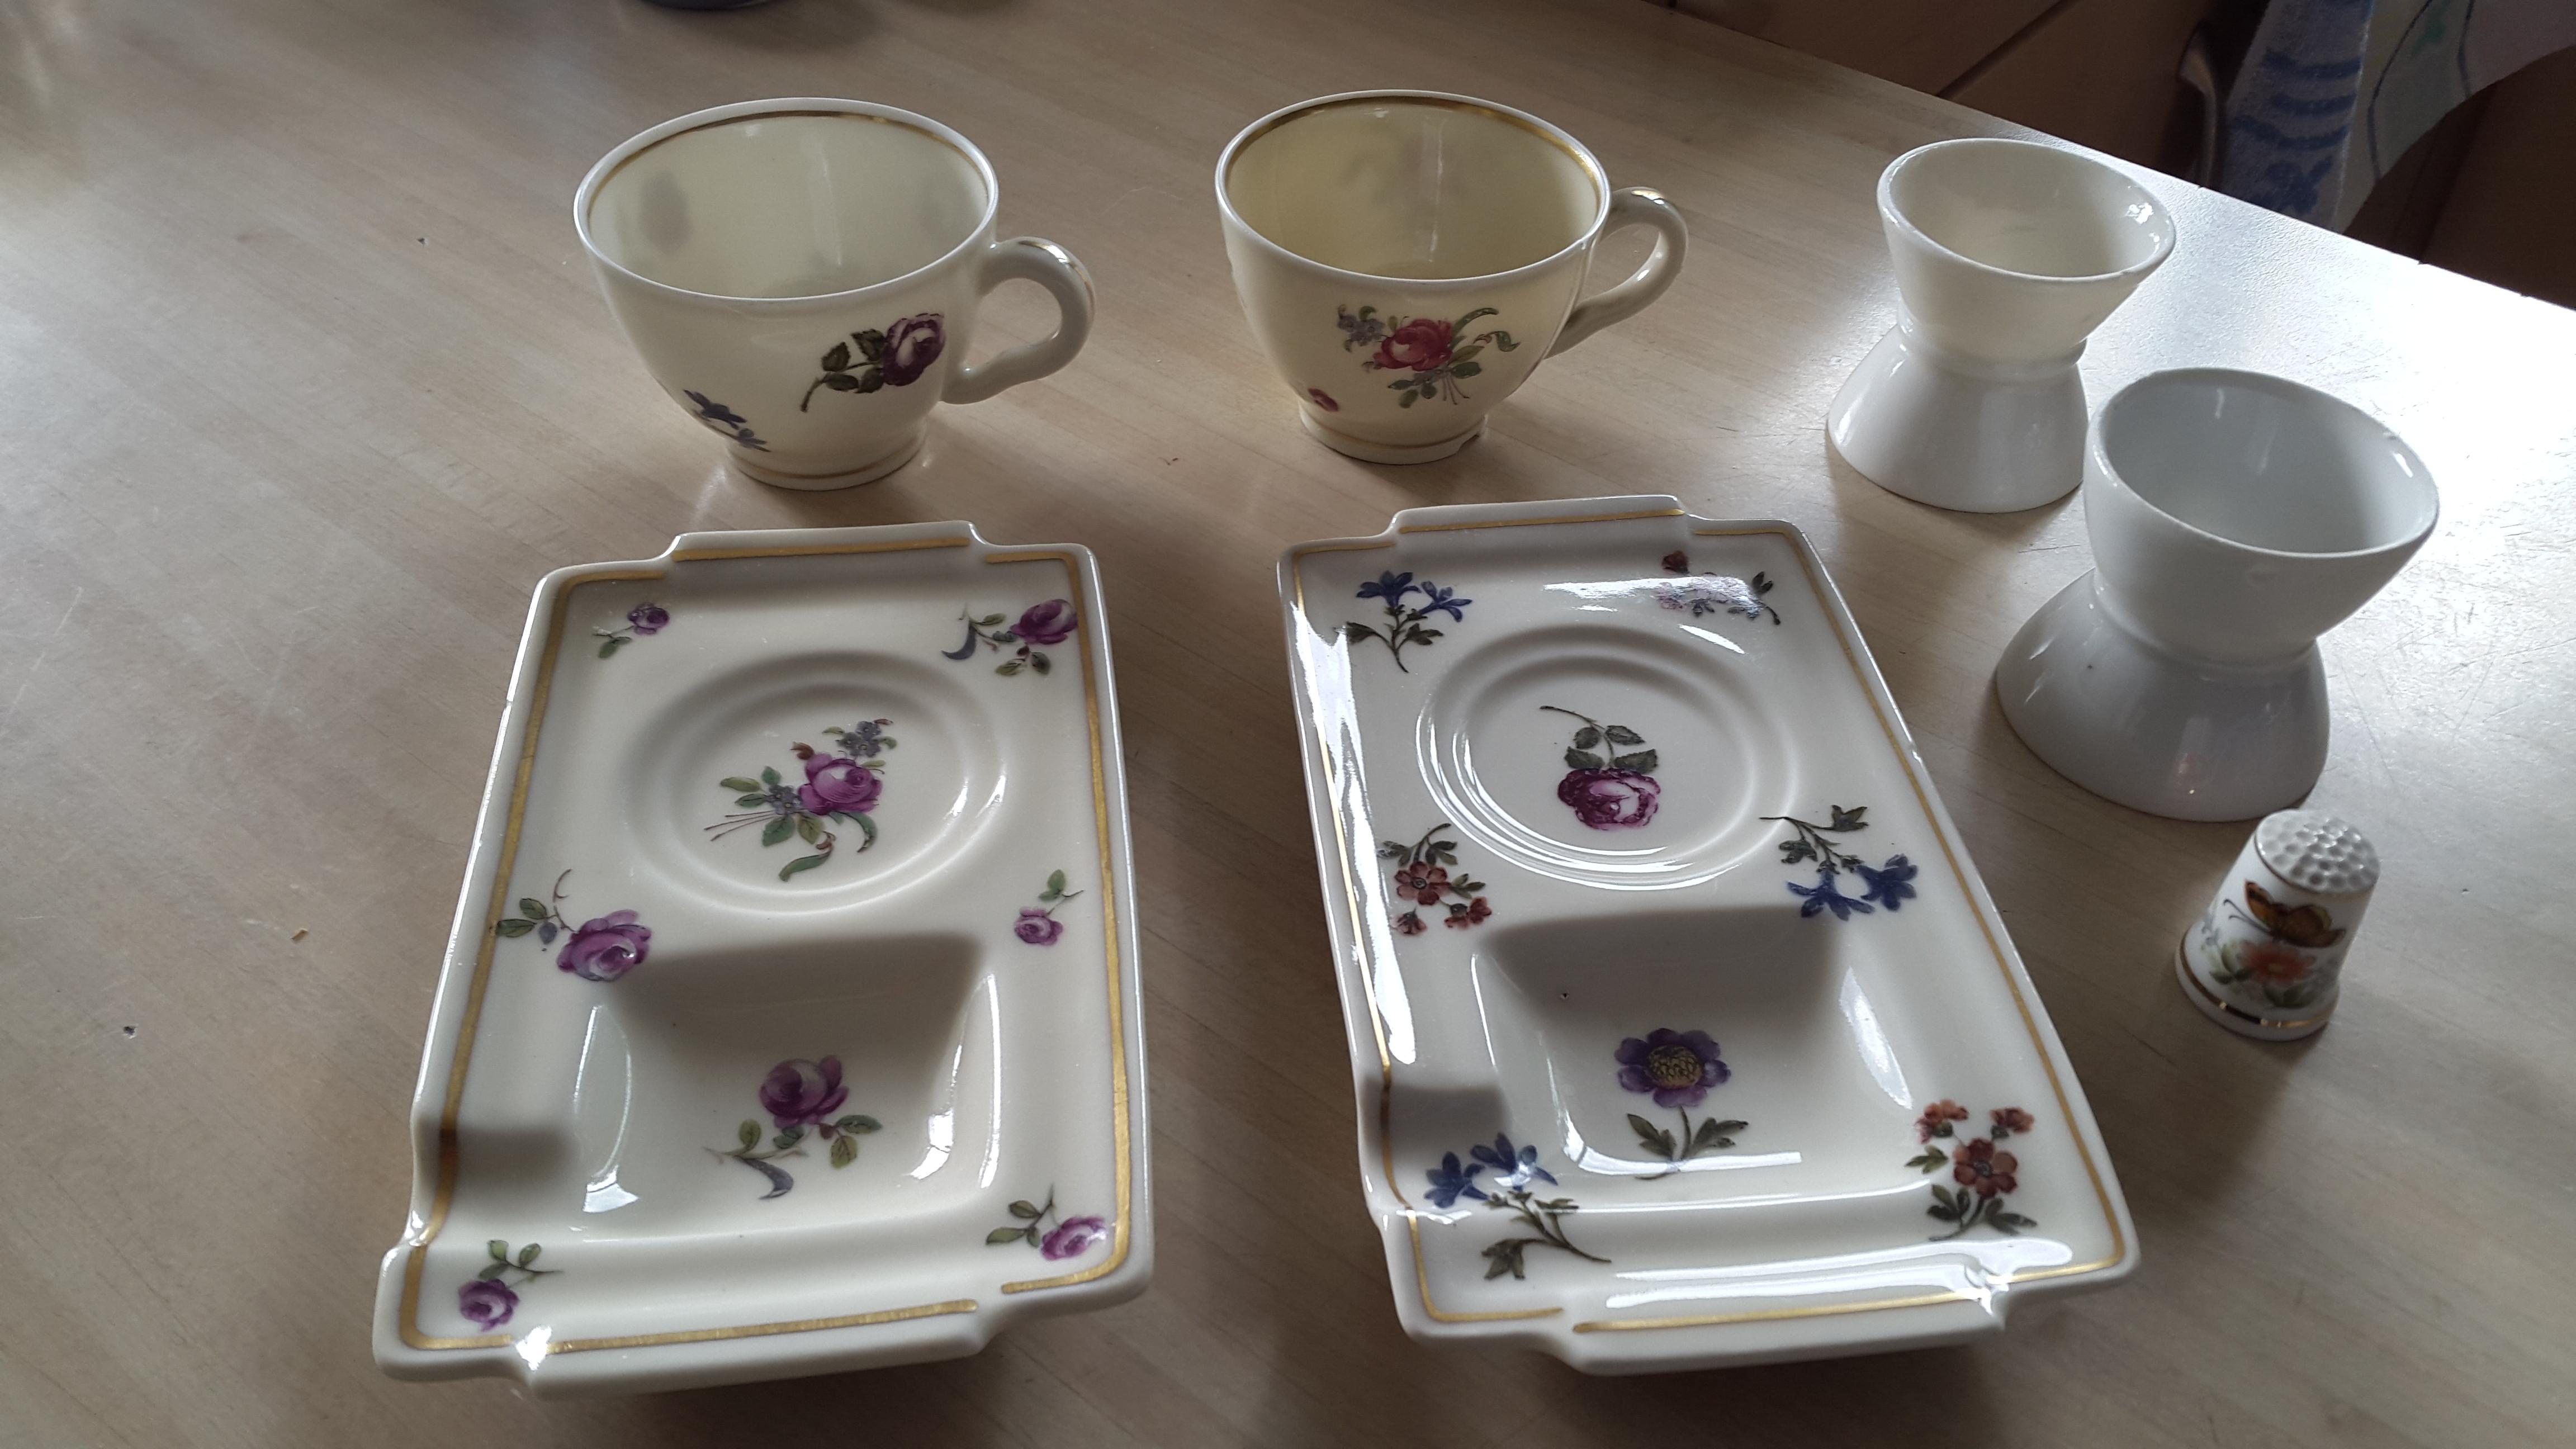 Les Petites Porcelaines lot de petites porcelaines anciennes - les vieilles choses